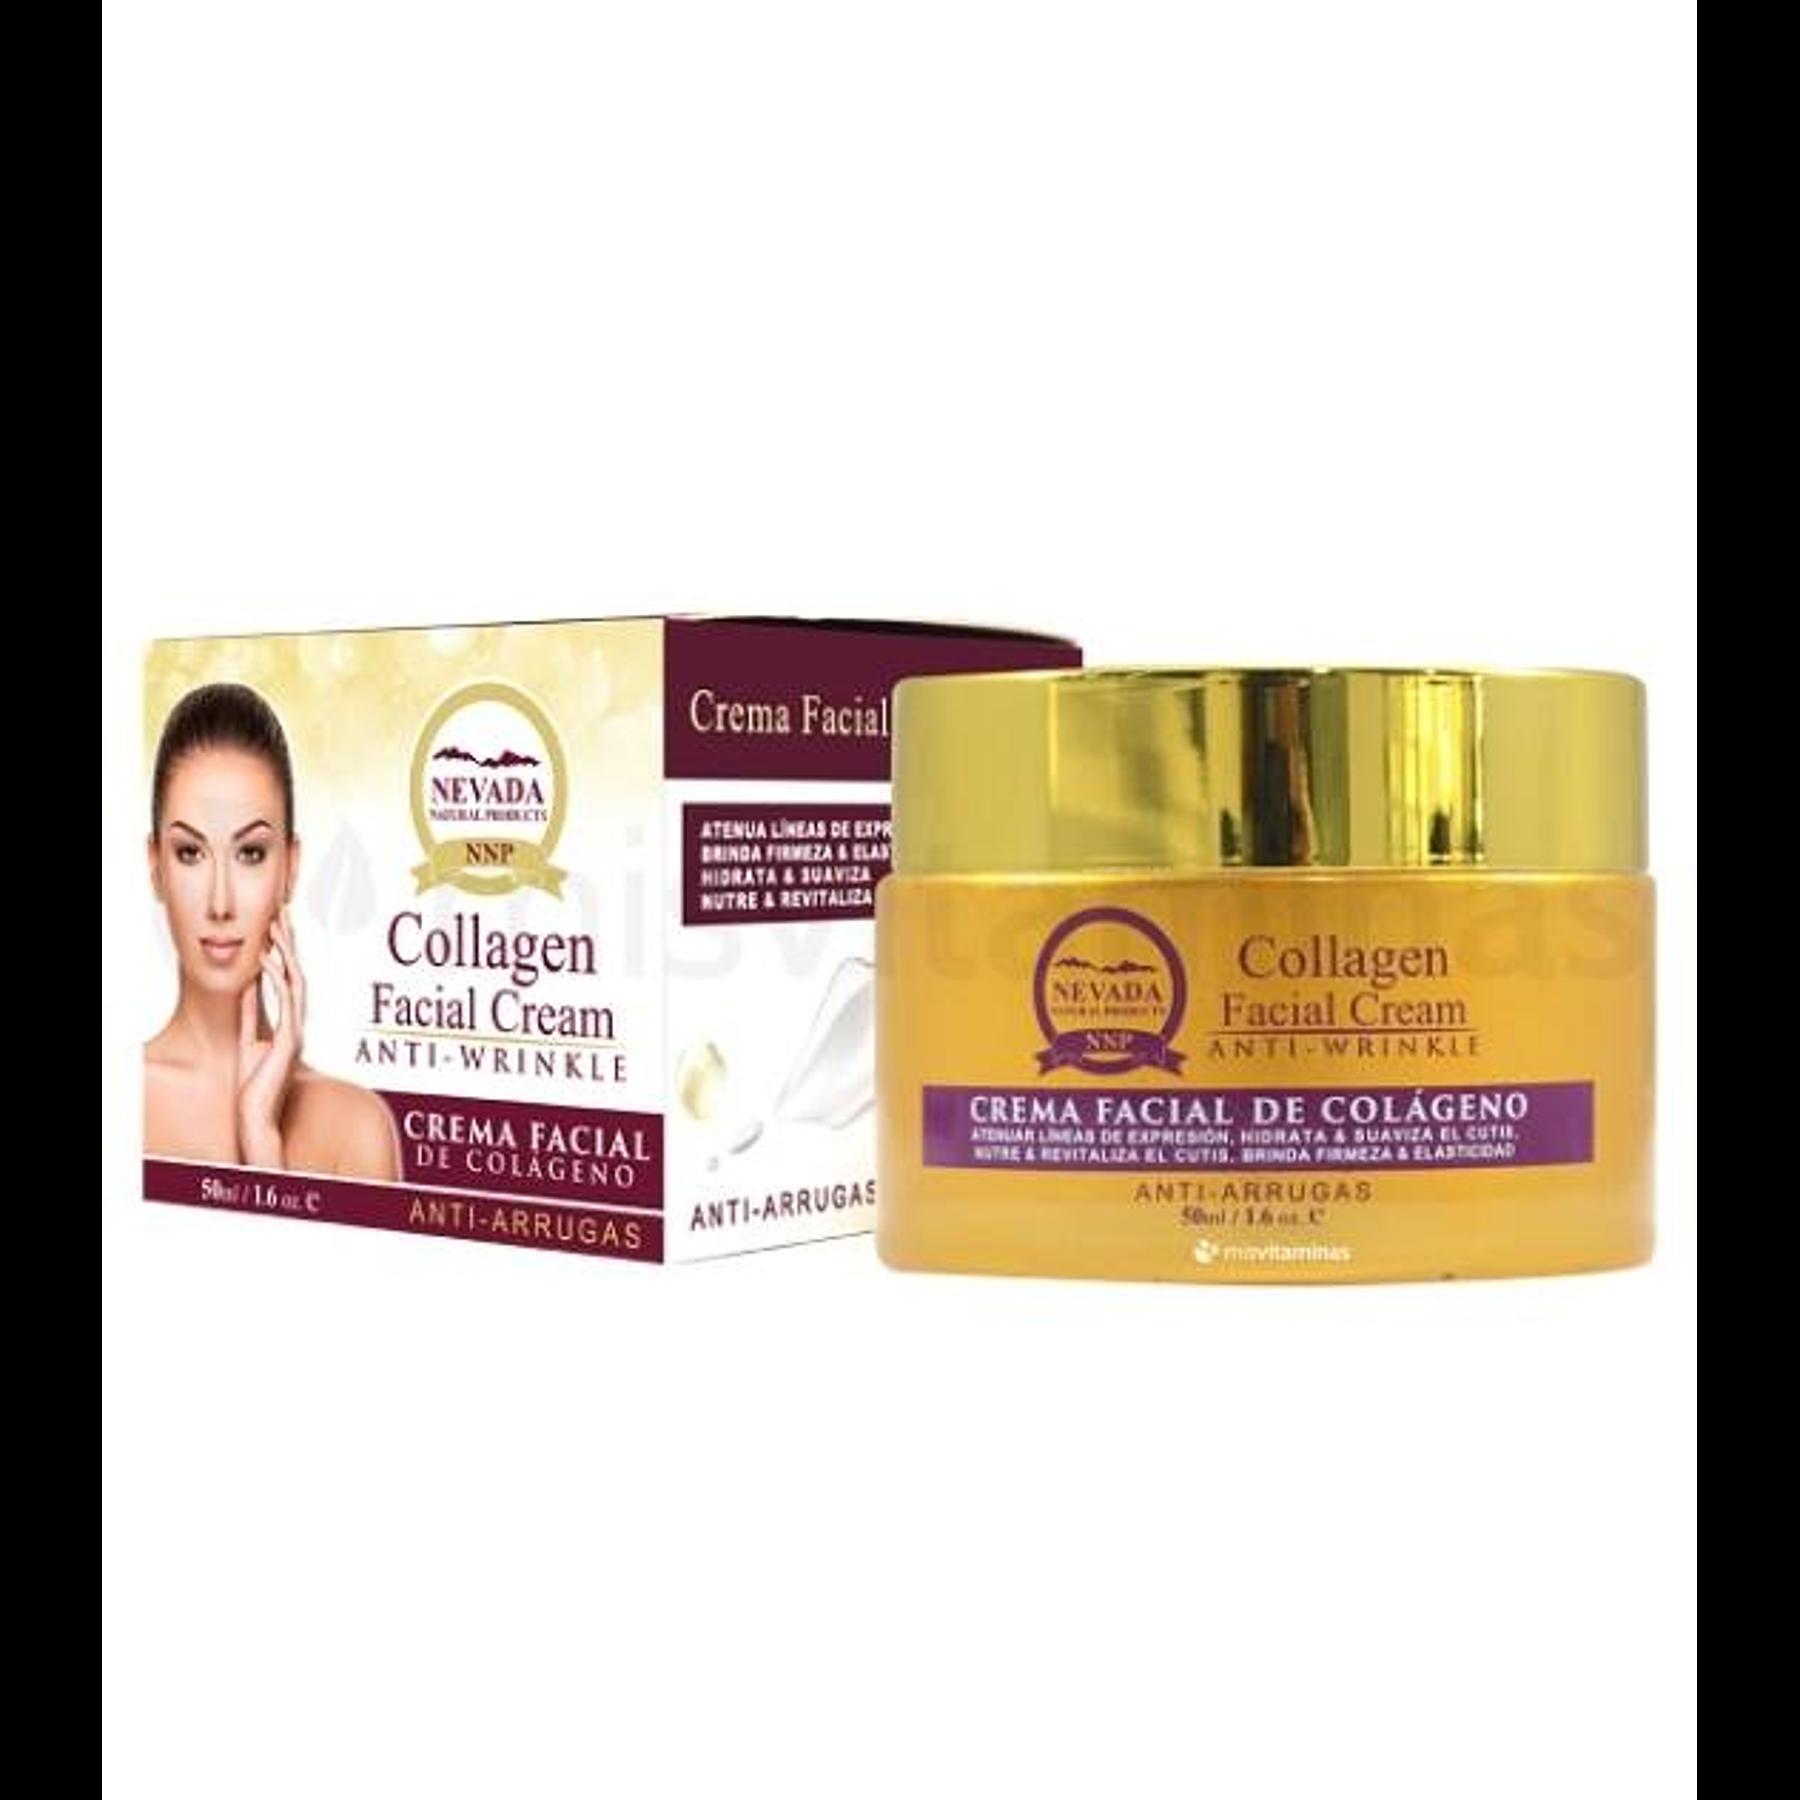 Crema Facial de Colágeno Anti Arrugas Nevada